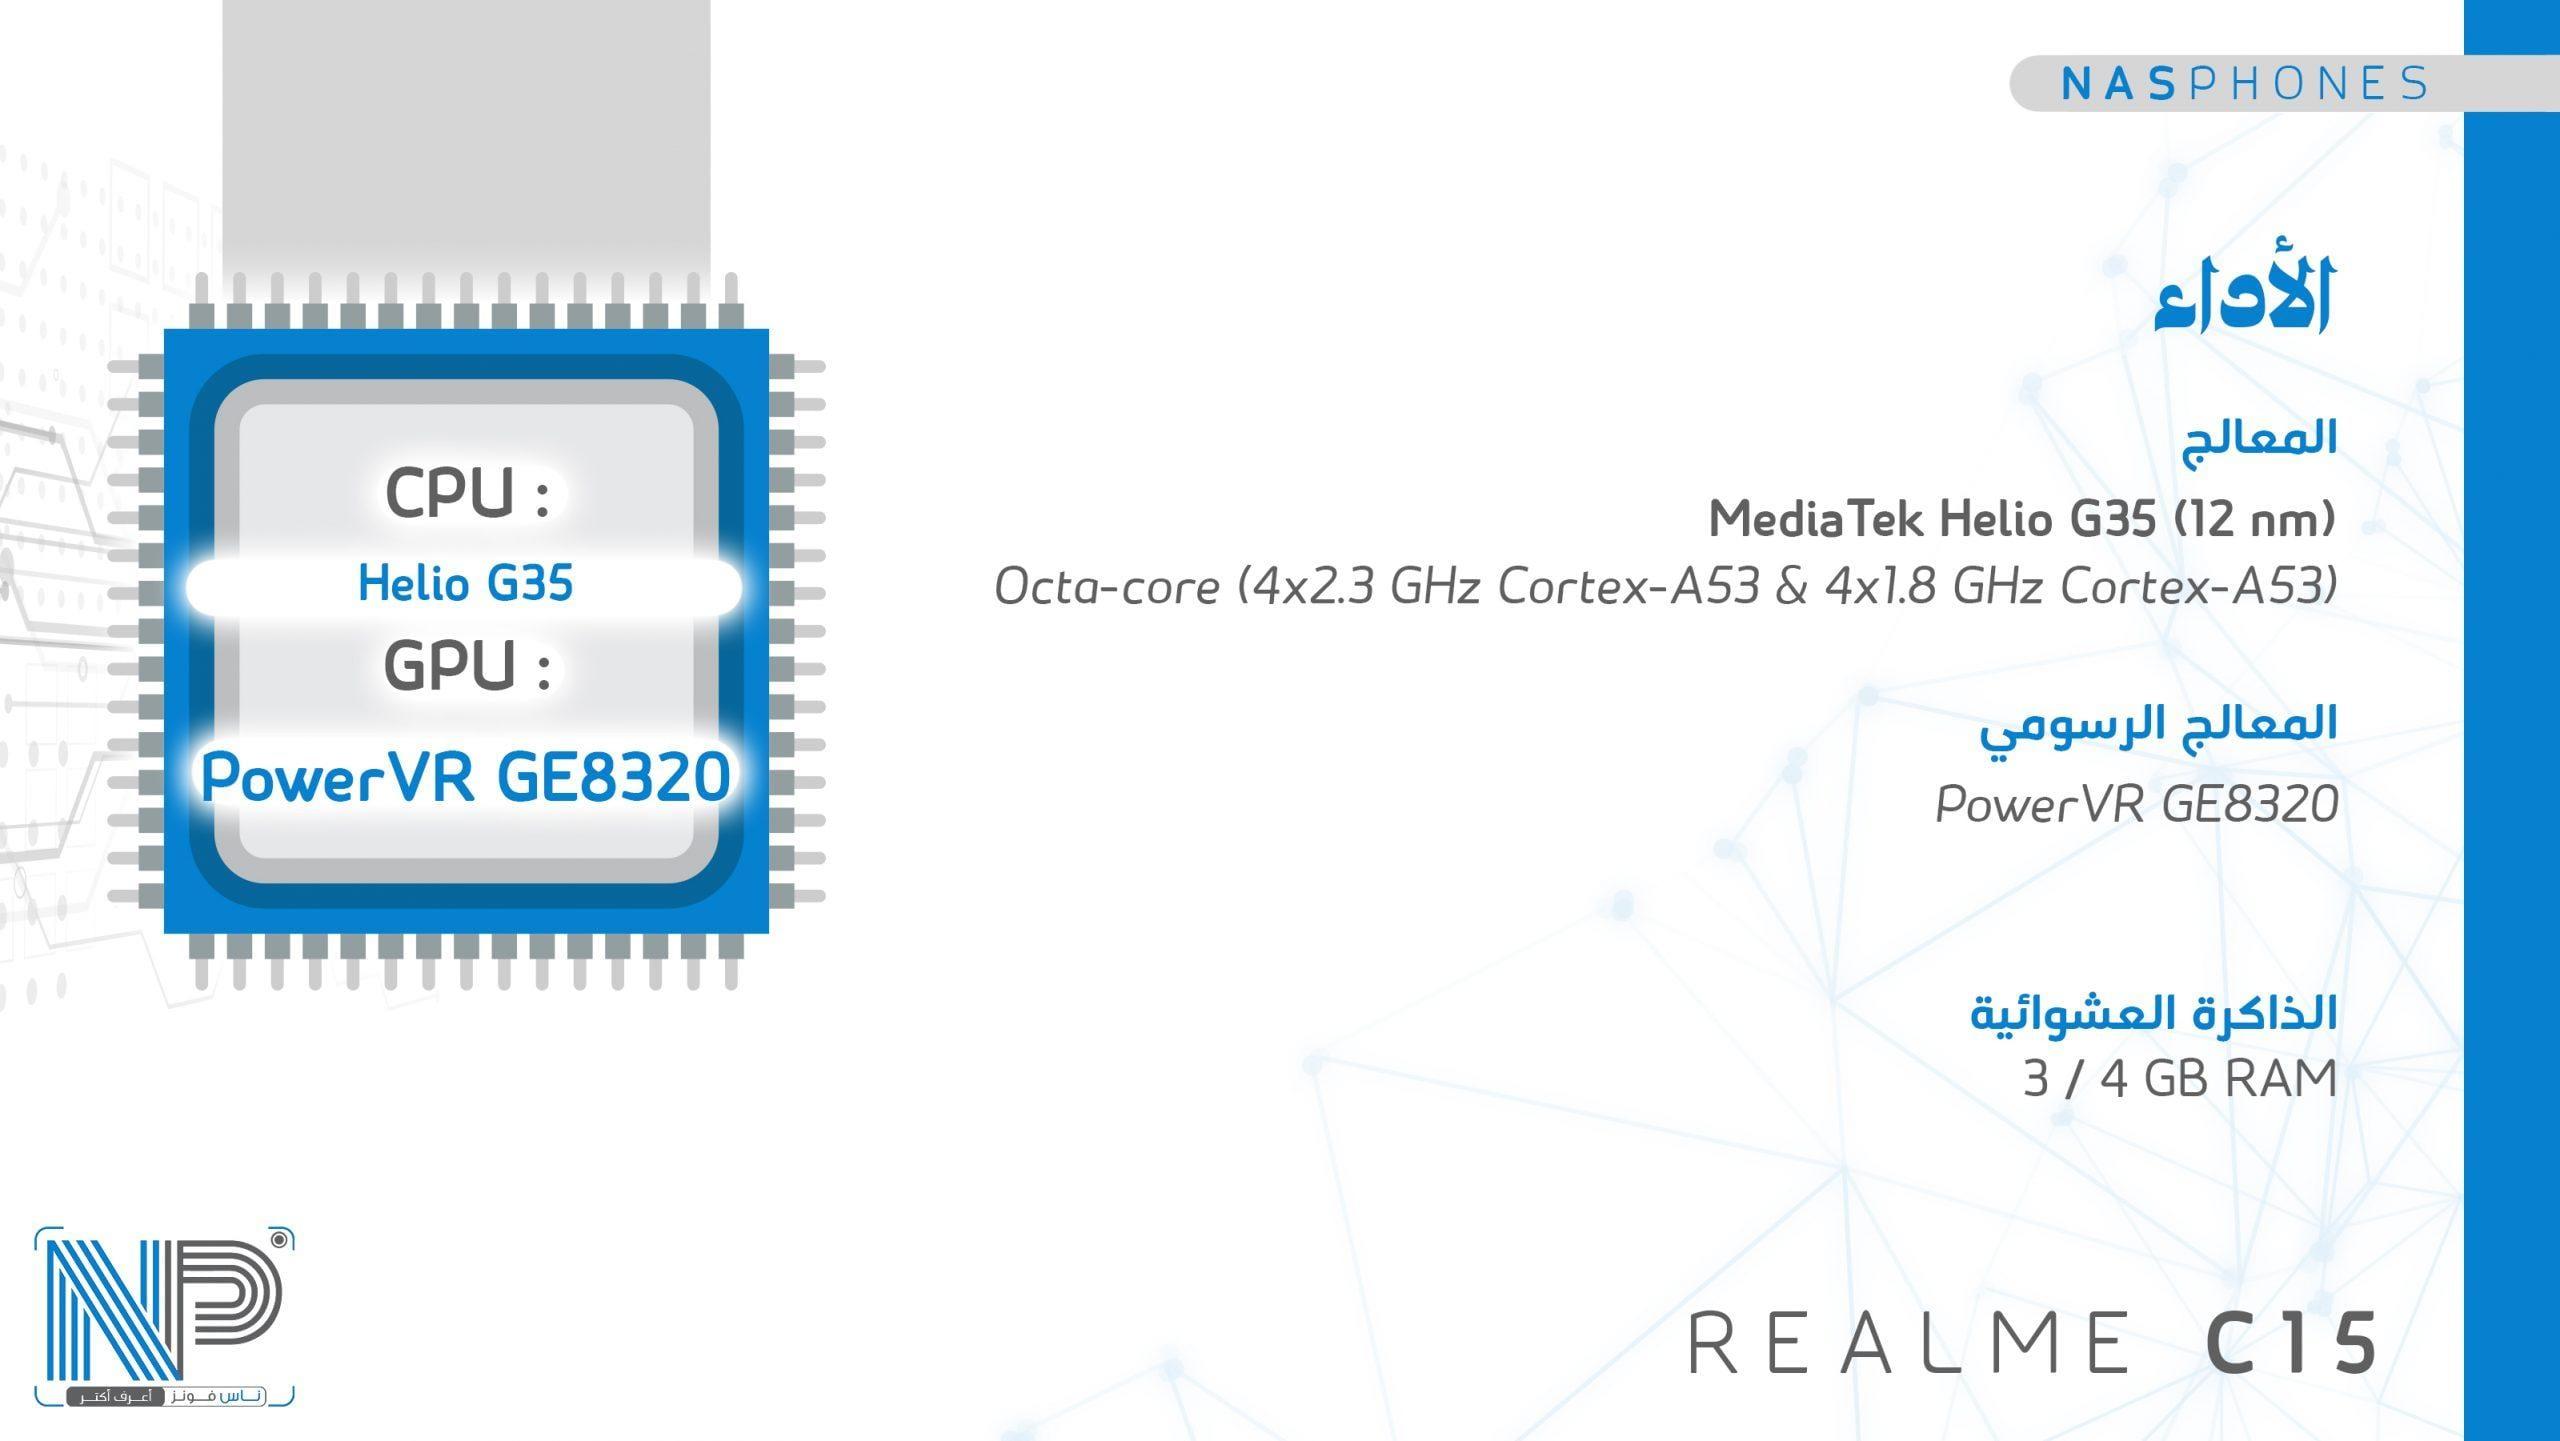 أداء موبايل realme C15